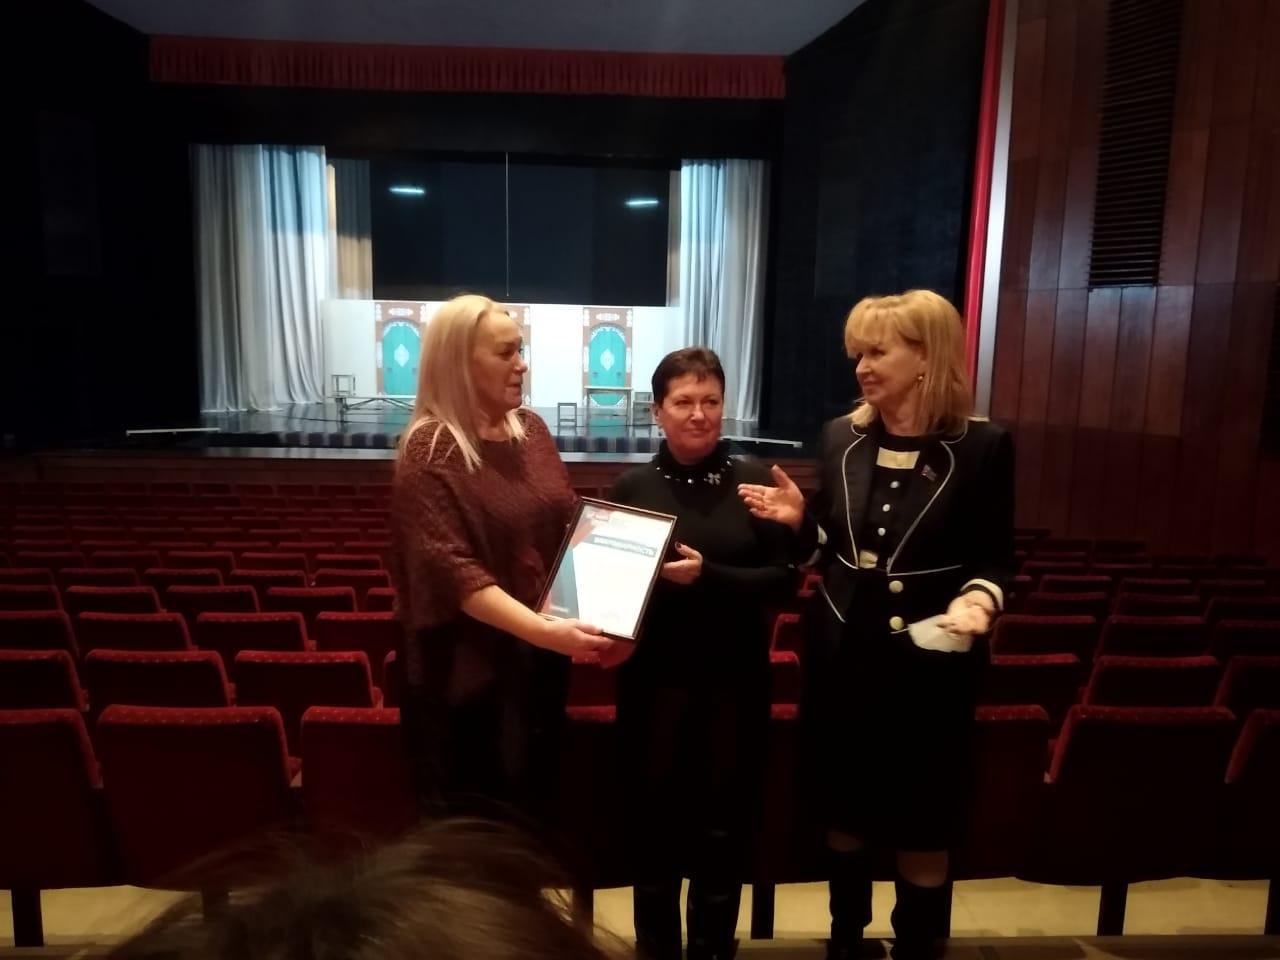 Сегодня состоялась встреча коллектива театра с депутатами Народного совета Анной Мосиной и Ириной Андрух.